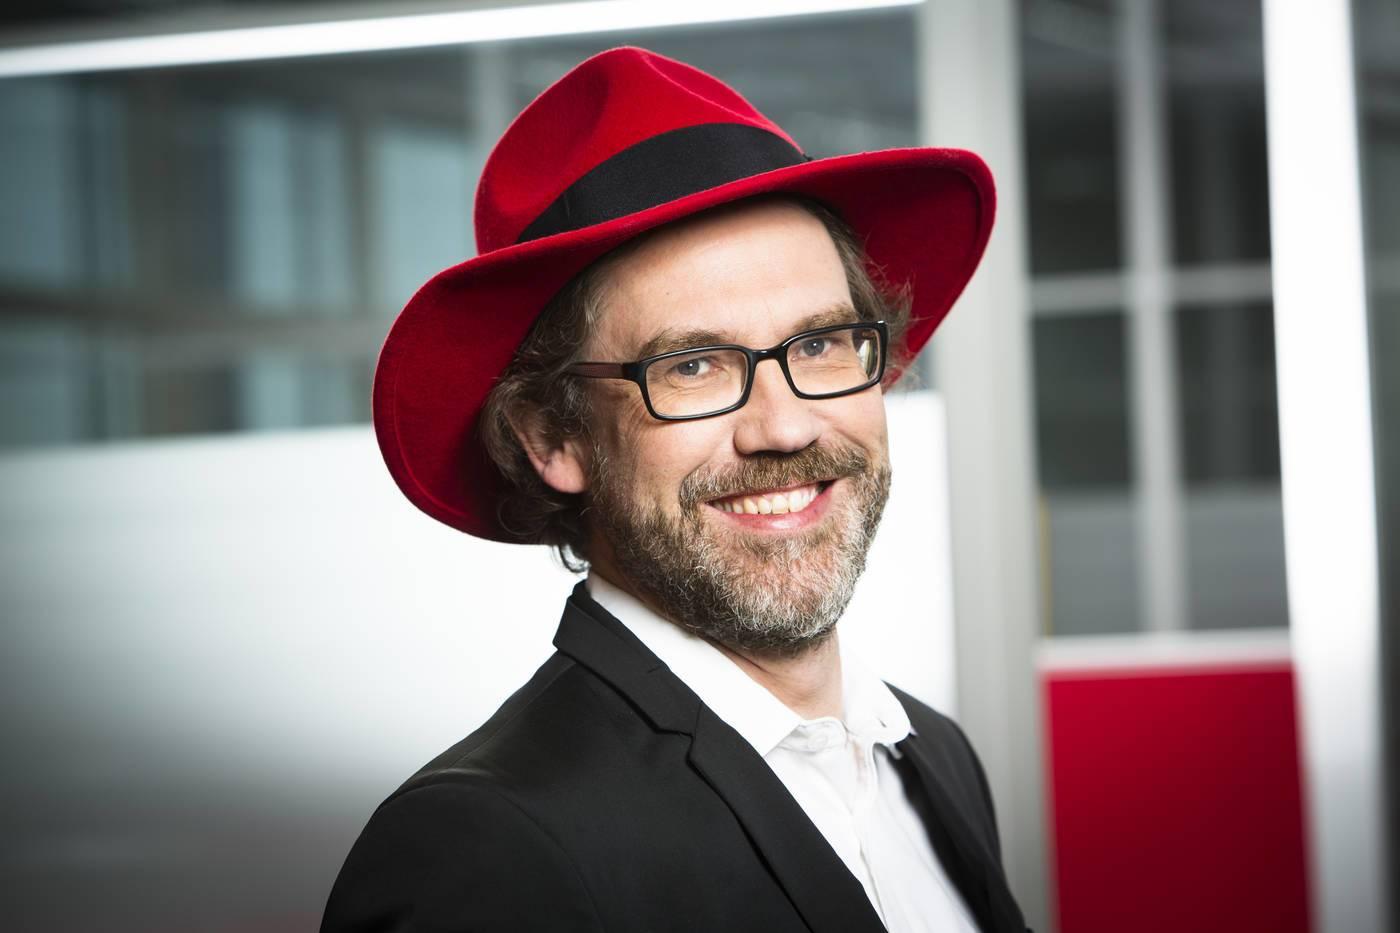 Jan Wildeboer